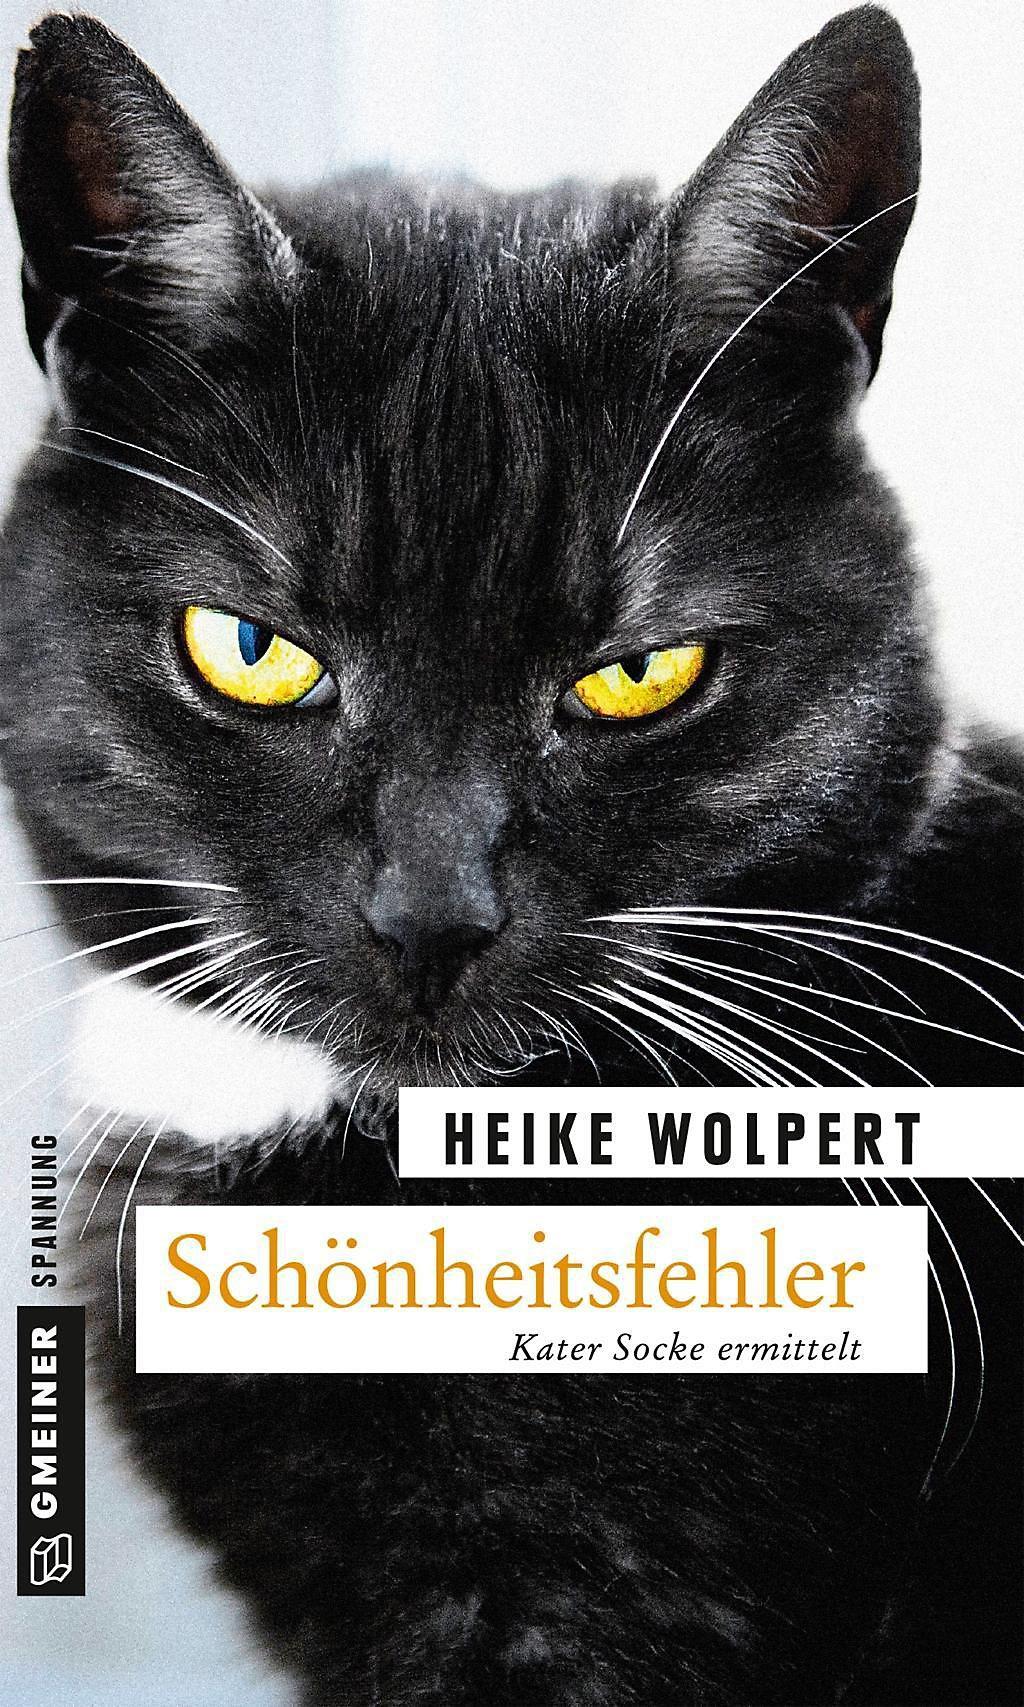 Schönheitsfehler Buch Von Heike Wolpert Versandkostenfrei